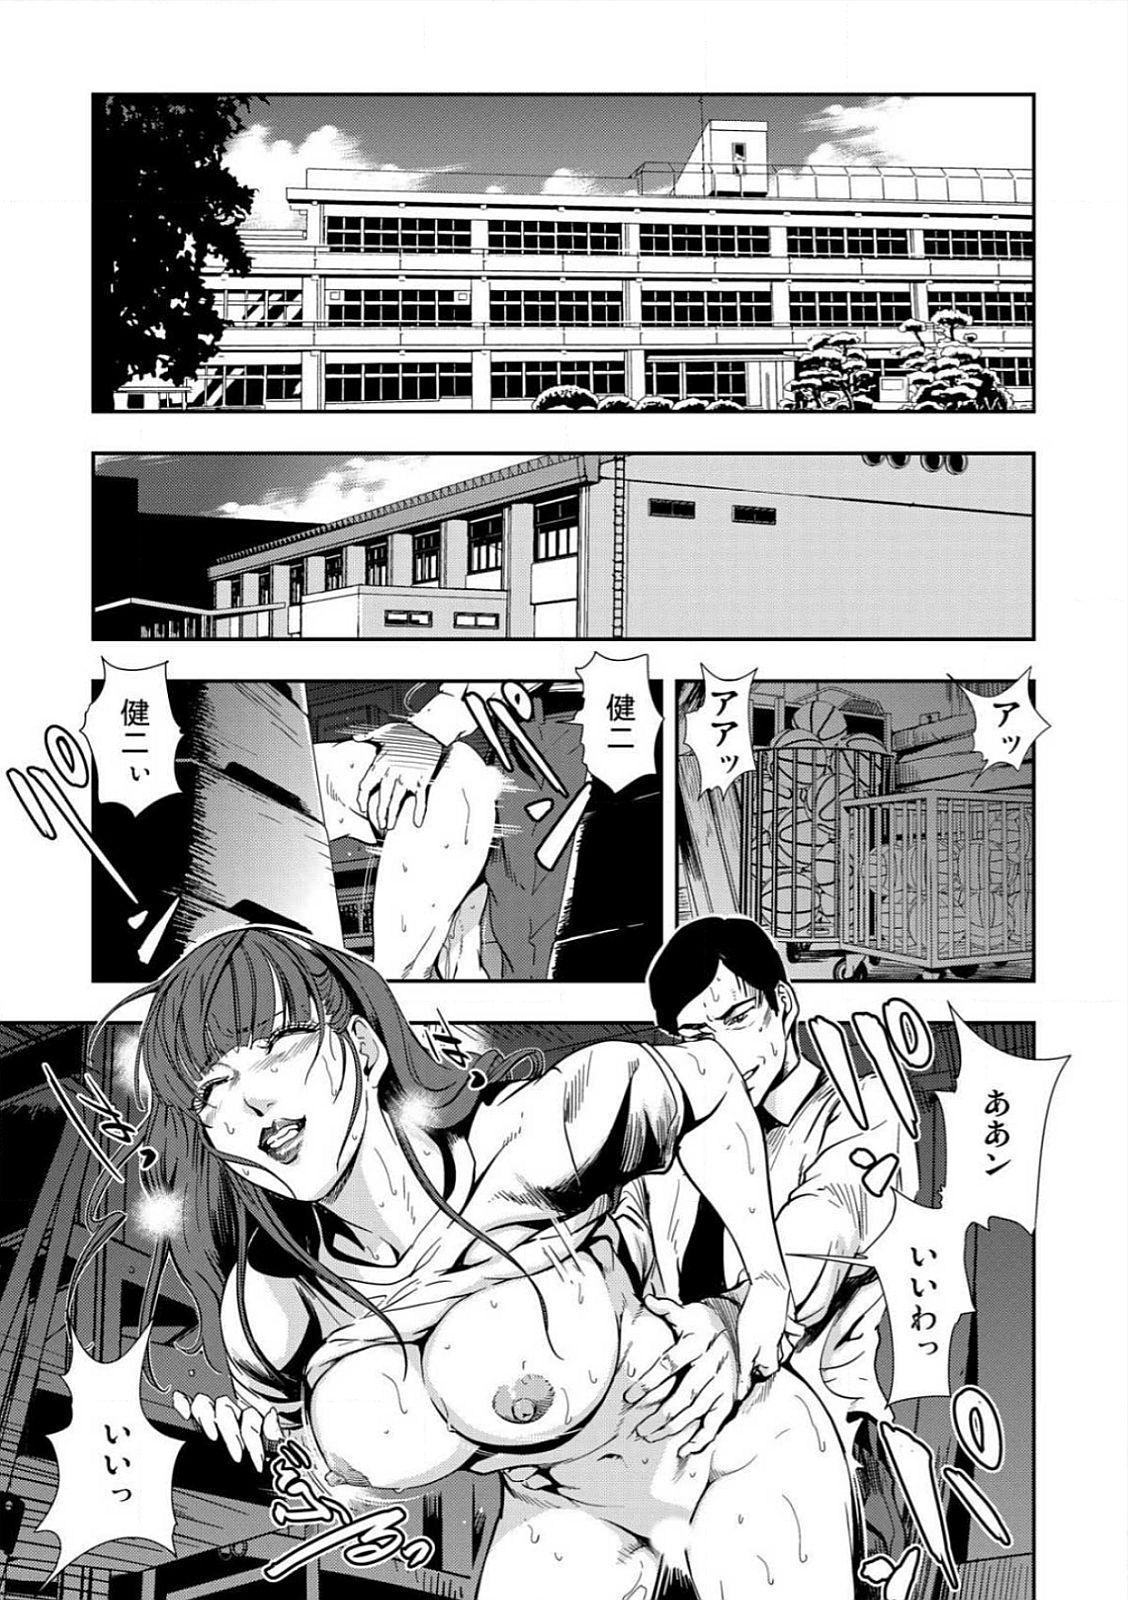 [Misaki Yukihiro] Kyousei Shidou ~Mechakucha ni Kegasarete~ (1)~(6) [Digital] 28